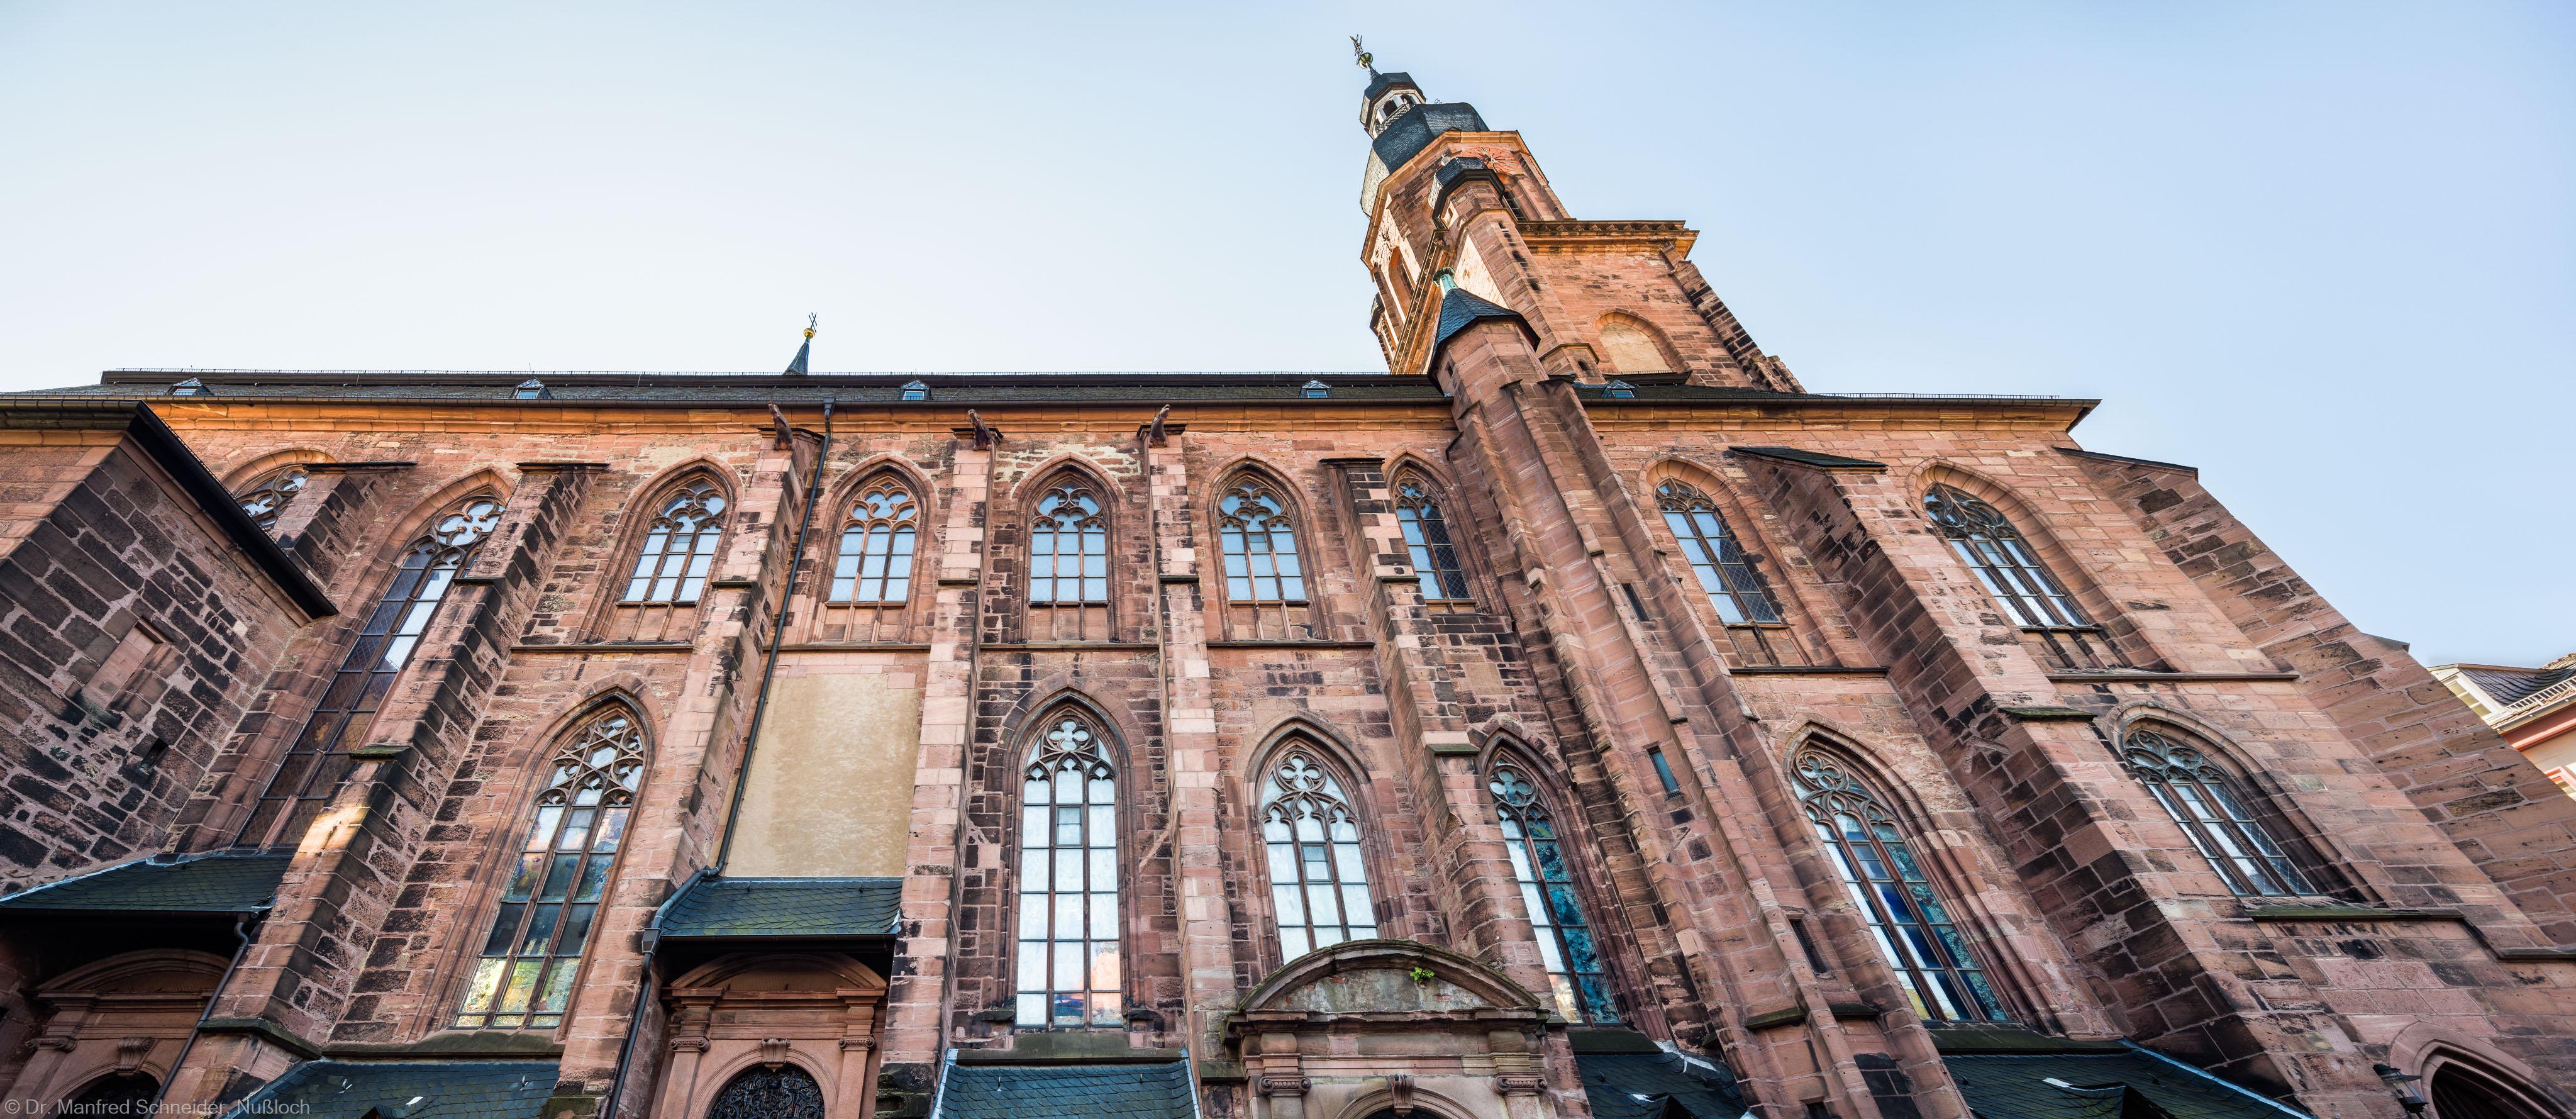 Heidelberg - Heiliggeistkirche - Aussen / Nord - Blick nach oben auf die Nordfassade (aufgenommen im Oktober 2015, um die Mittagszeit)